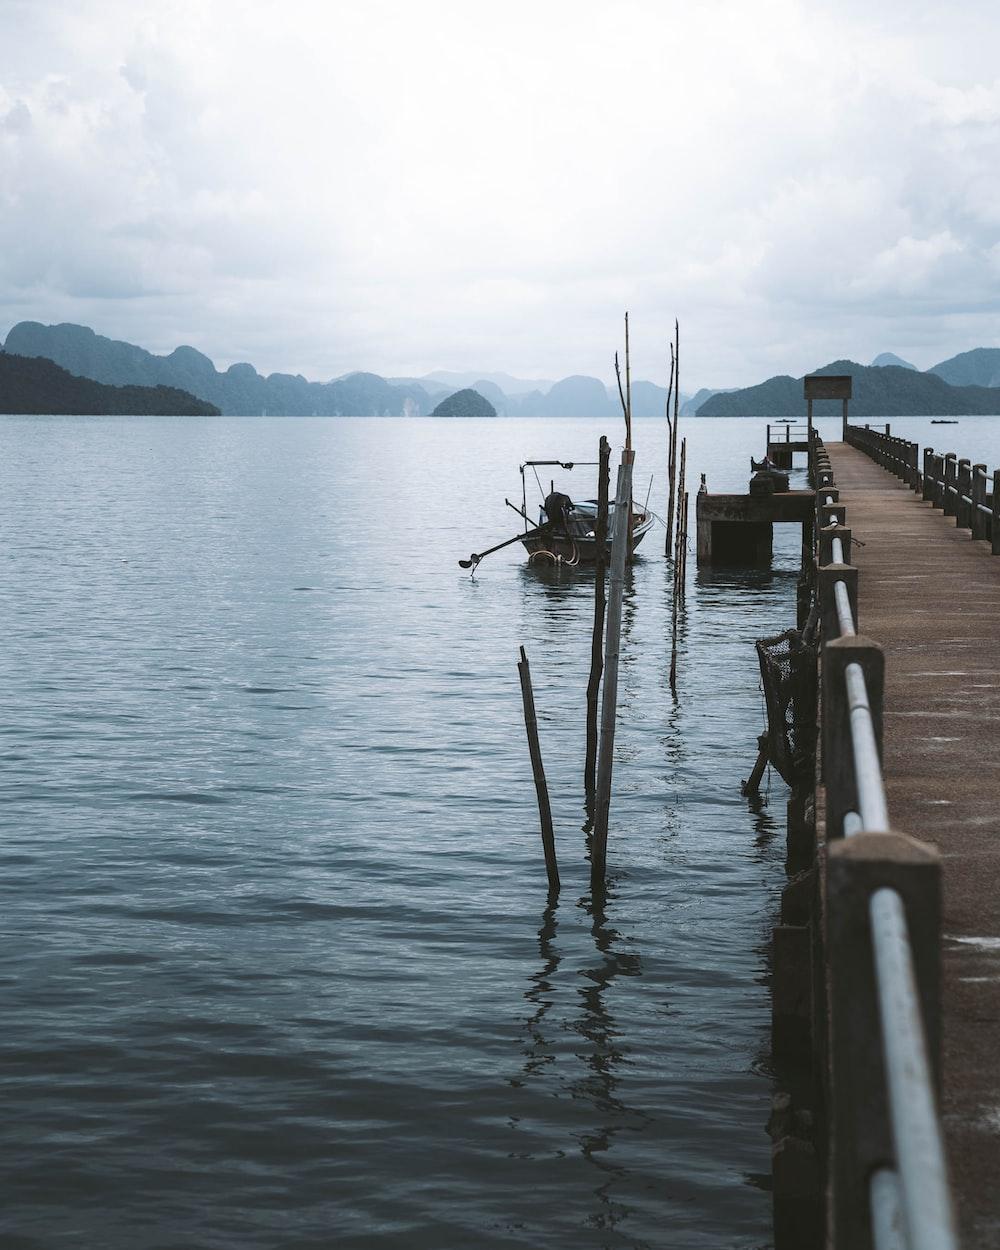 man fishing on sea dock during daytime